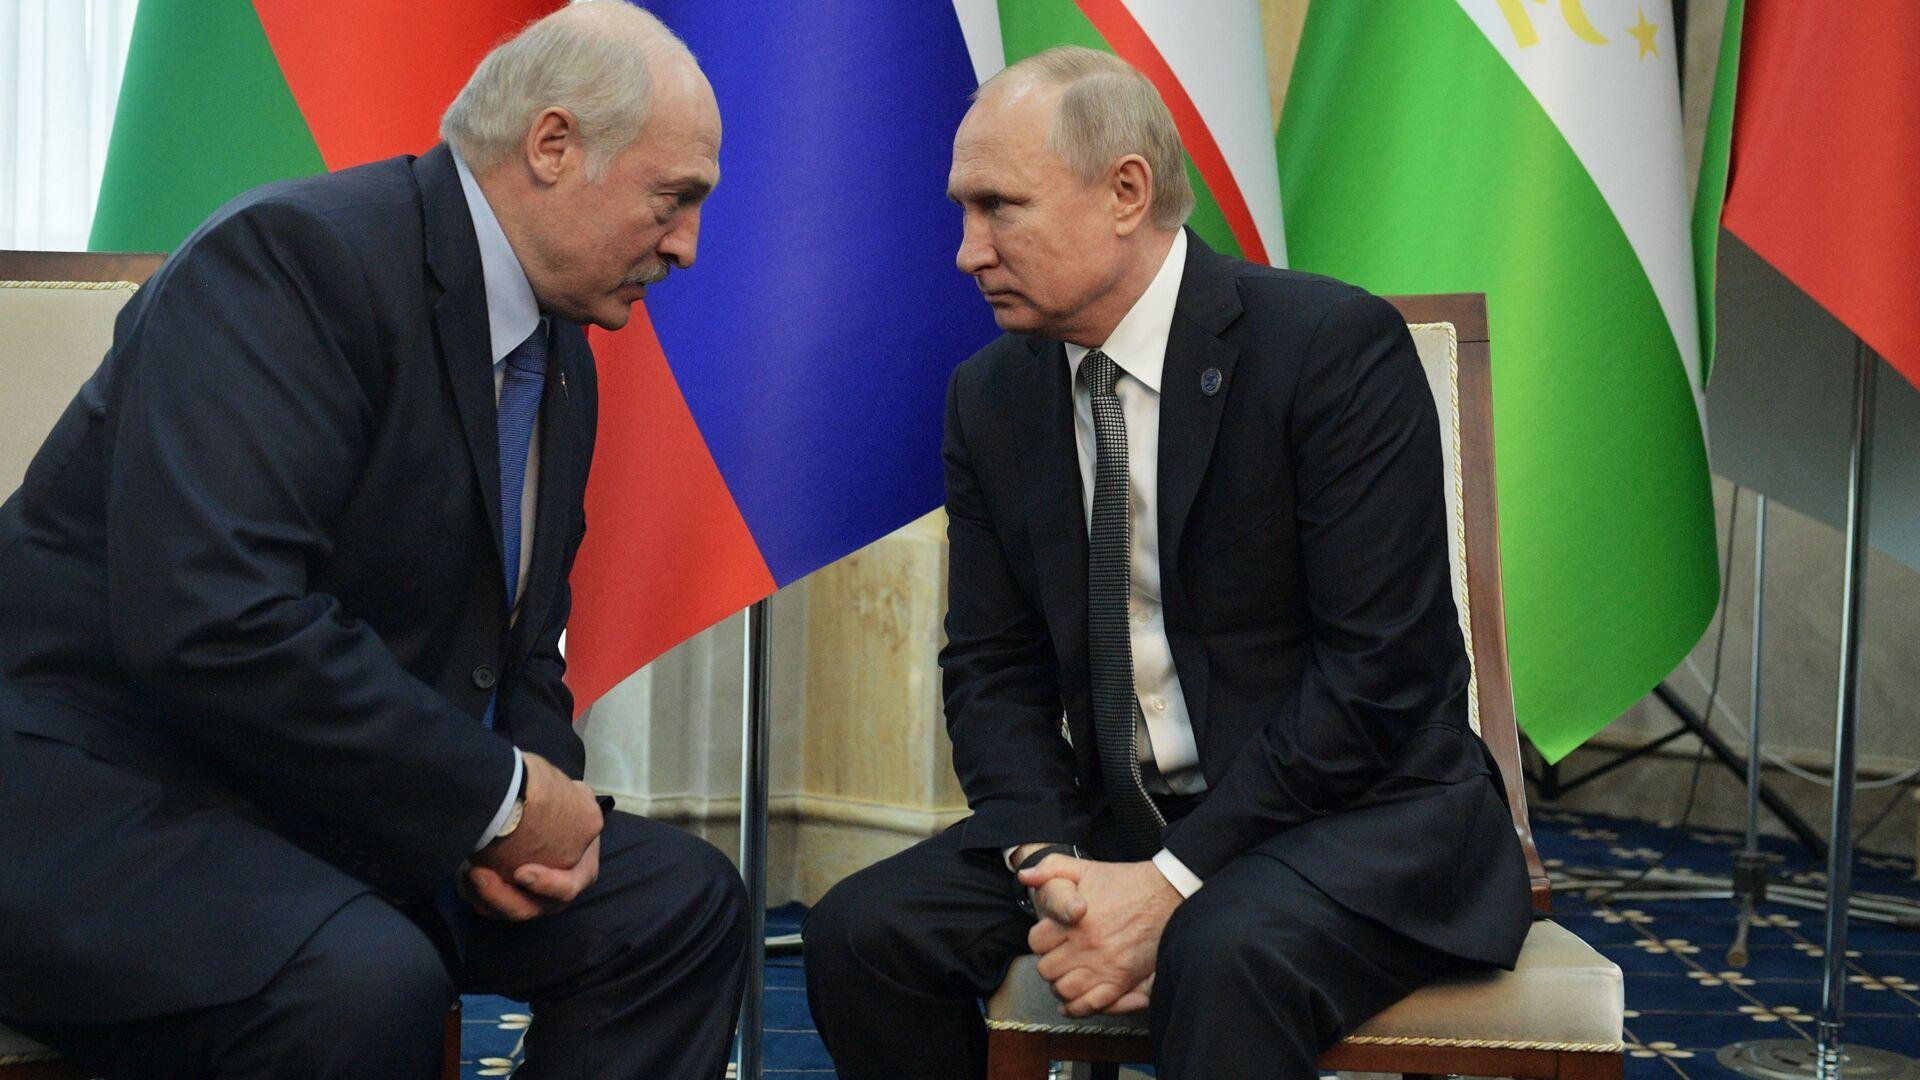 Alexandr Lukashenko, presidente de Bielorrusia, y Vladímir Putin, presidente de Rusia - Sputnik Mundo, 1920, 03.07.2021